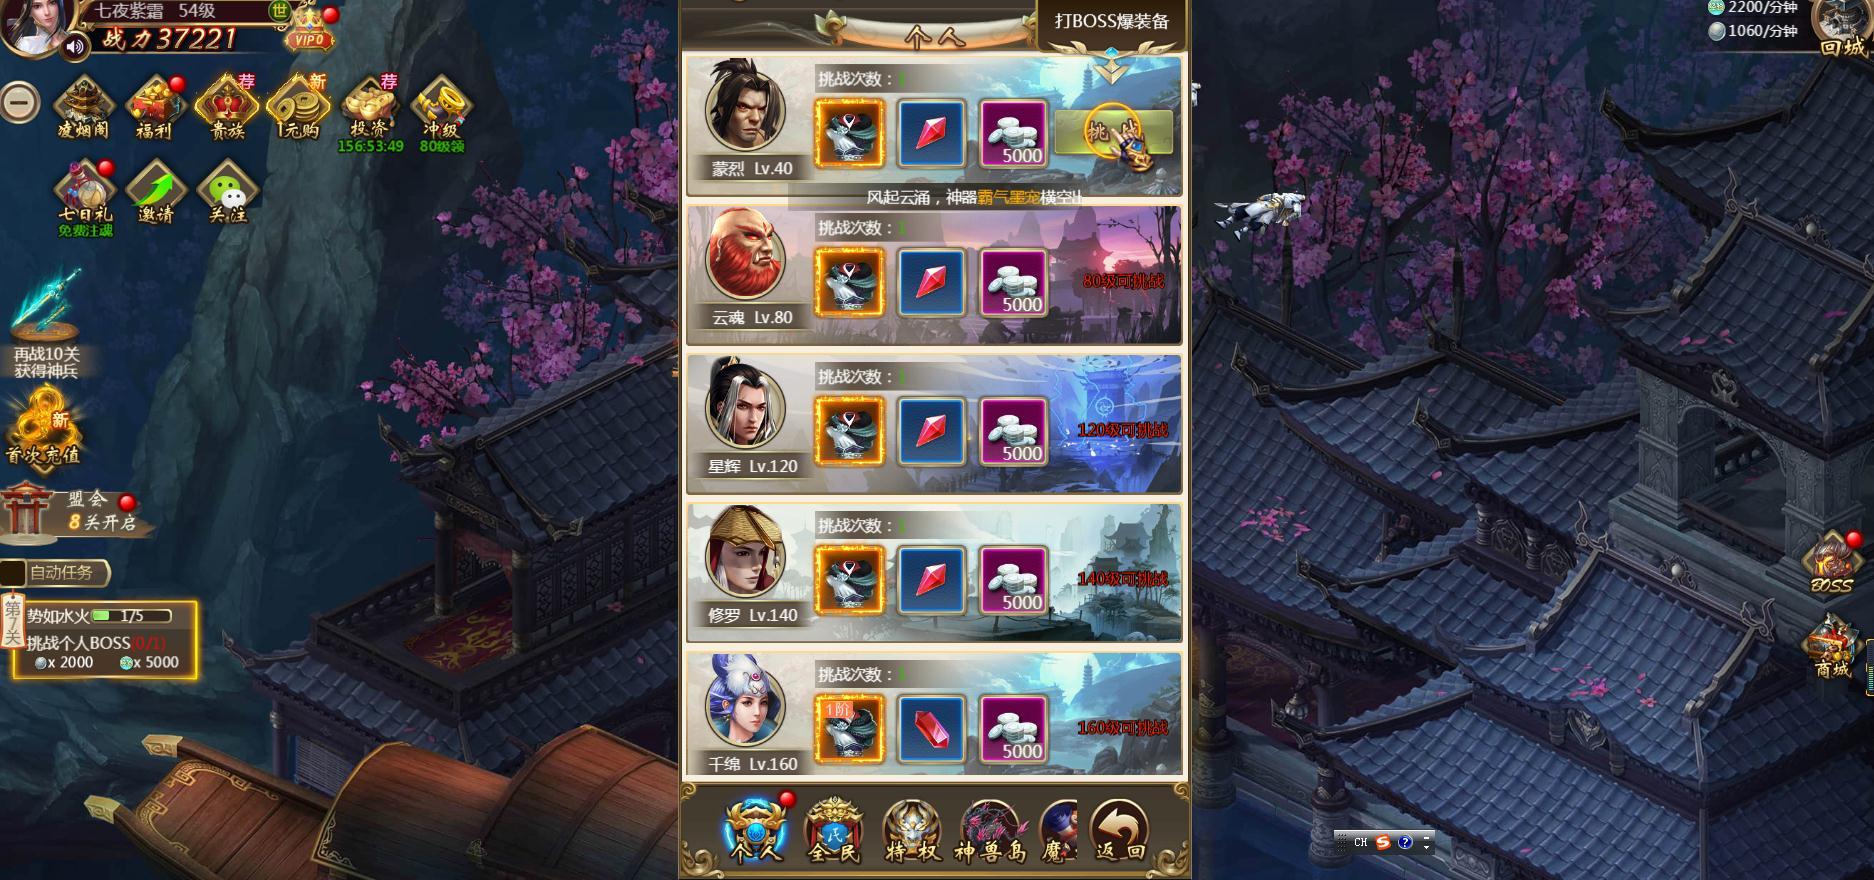 《乱世祭H5》游戏截图